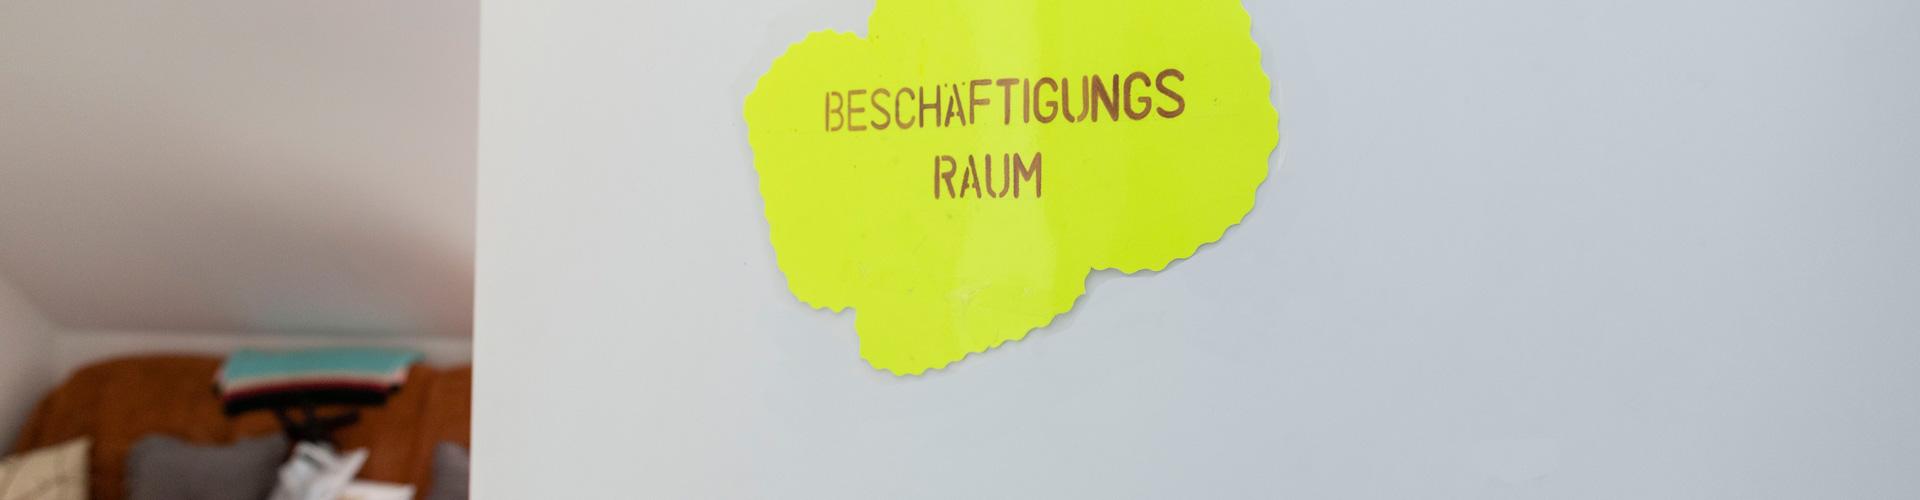 Beschäftigungsraum Tagespflege Frankfurt (Oder)